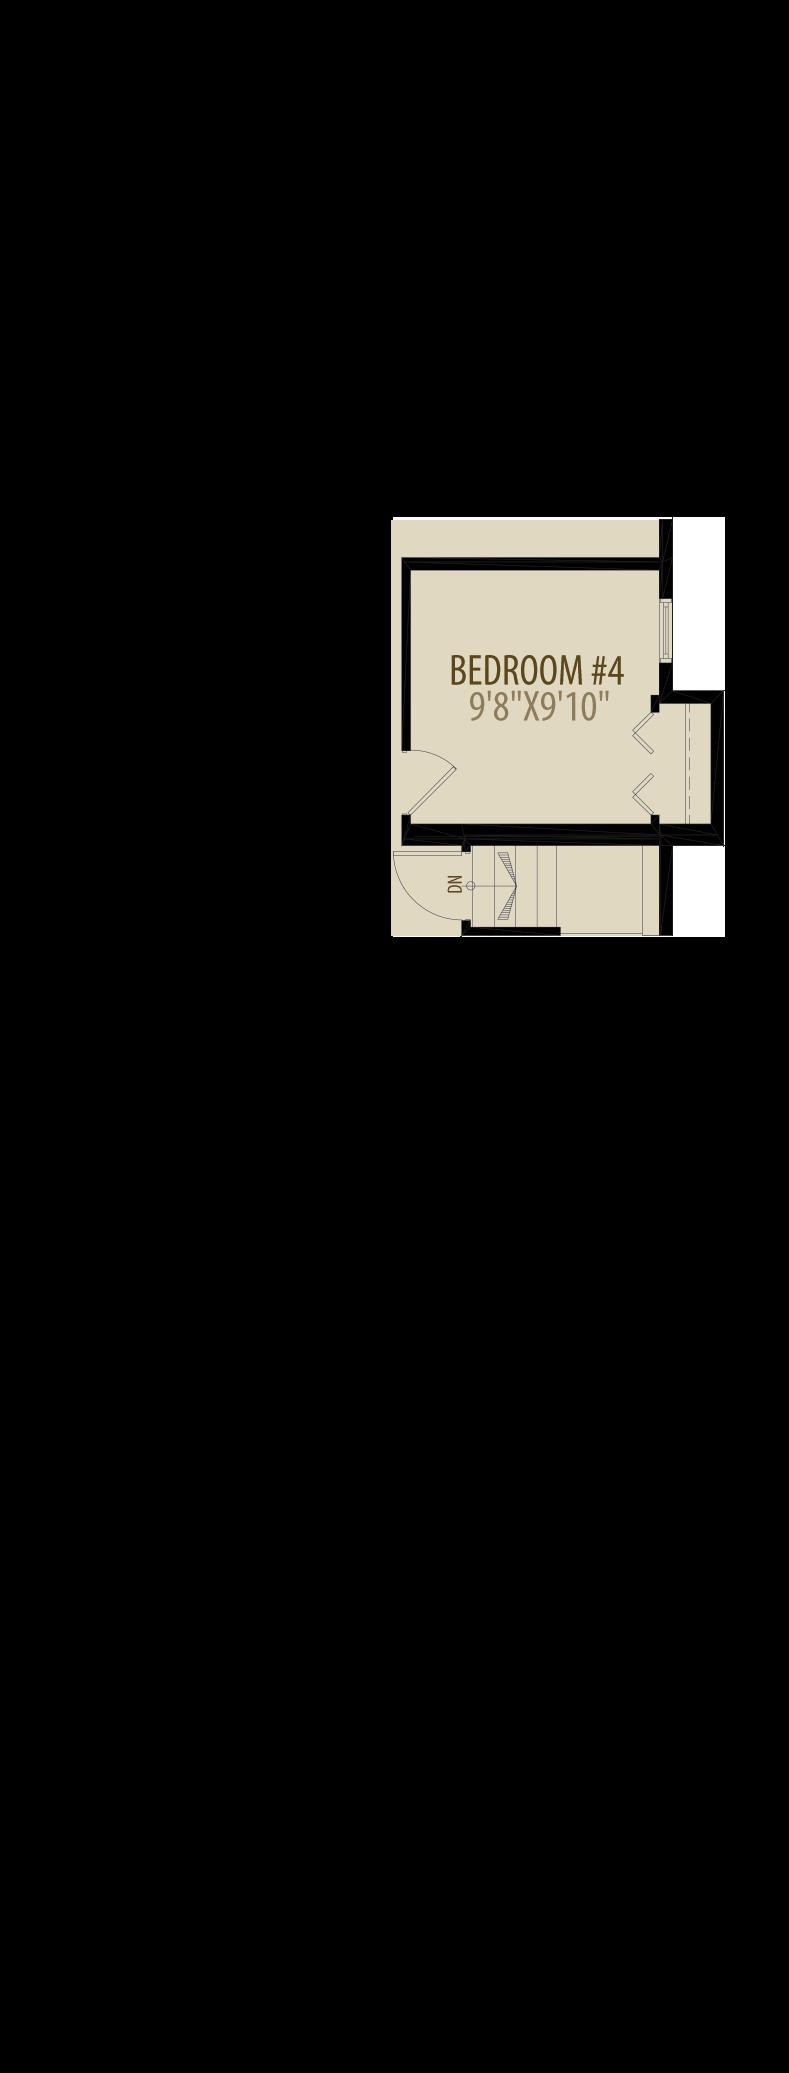 Main Floor Bedroom Adds 12 sq ft